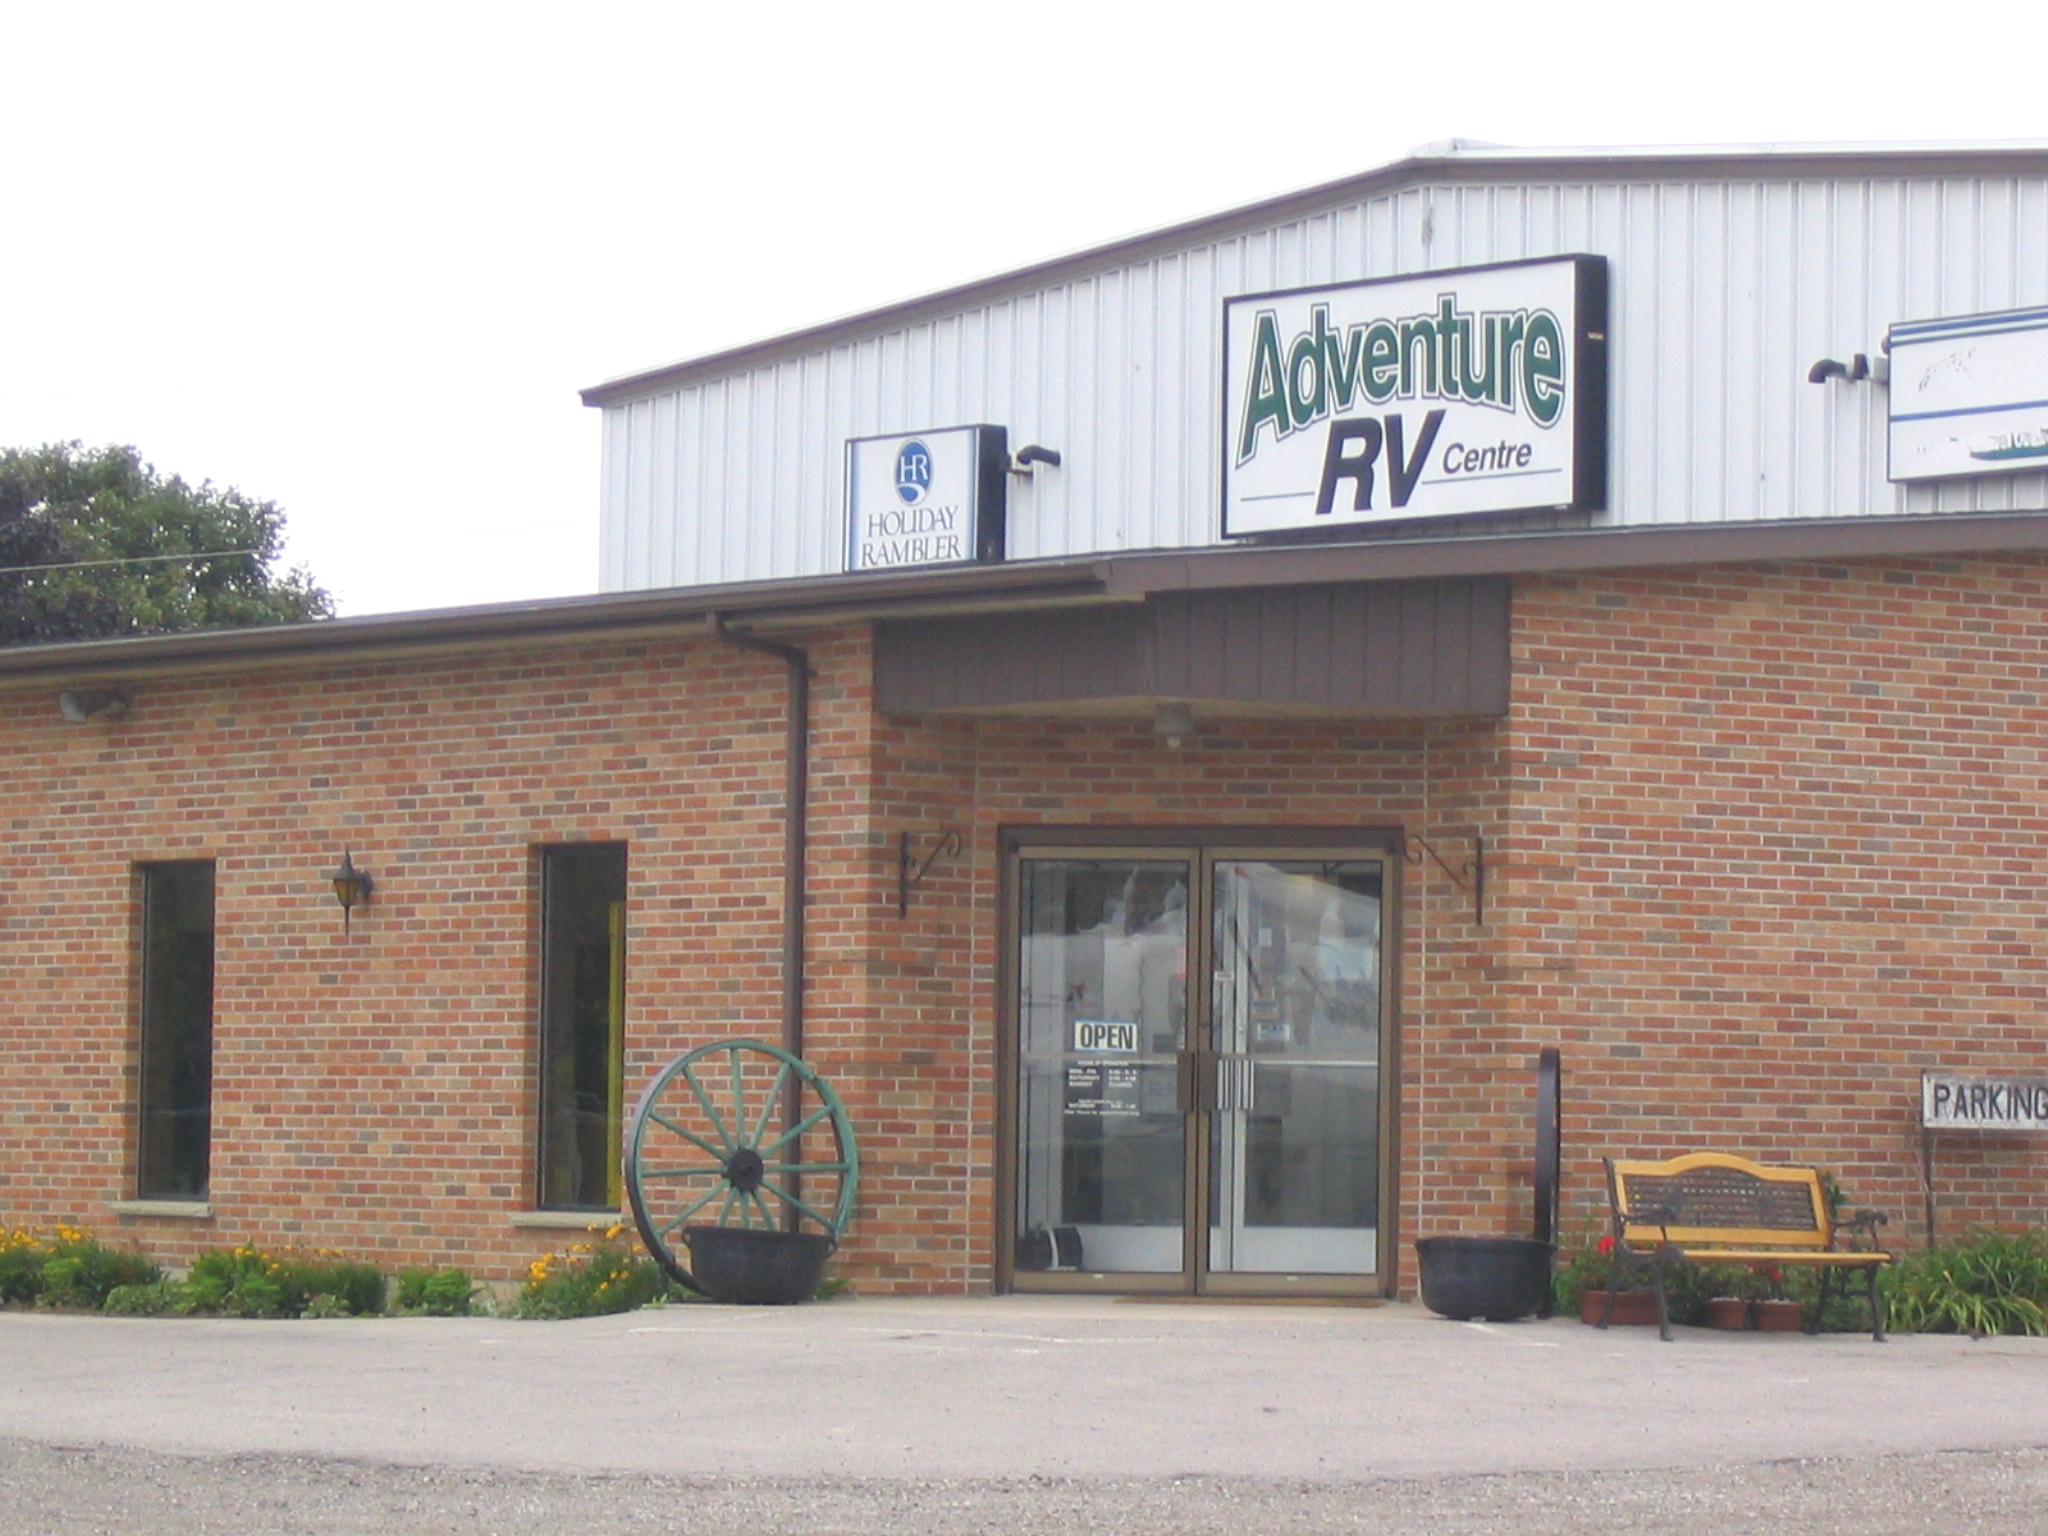 Adventure RV Centre